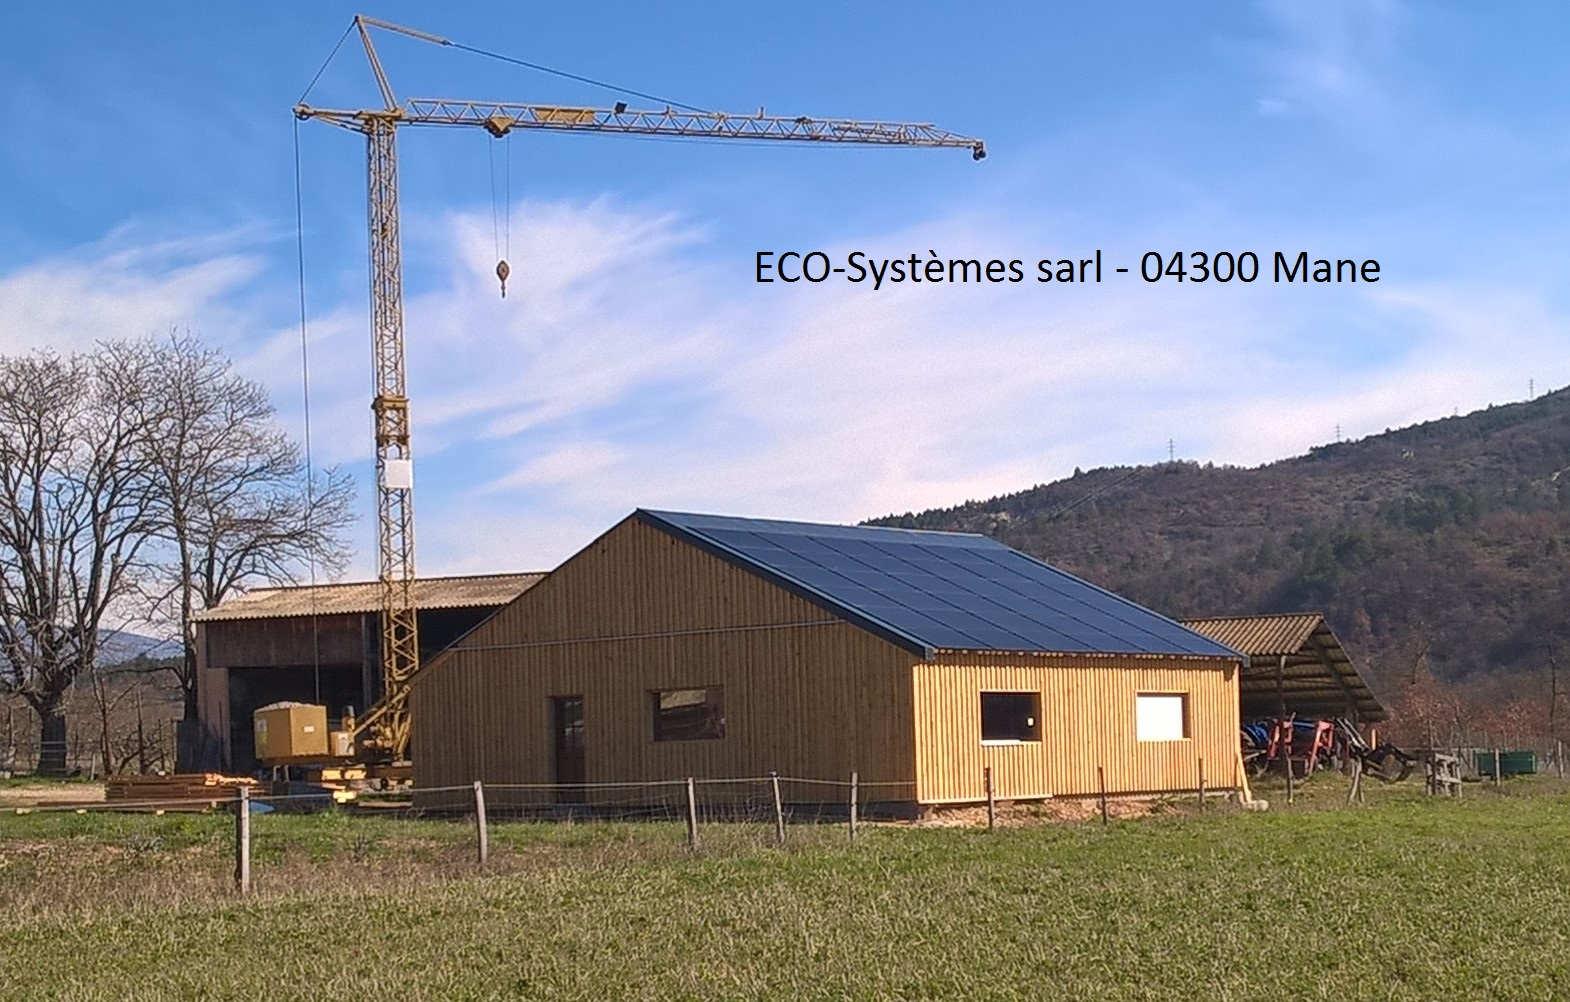 Eco syst mes sarl mane alpes de haute provence - Hangar gratuit avec toiture photovoltaique ...